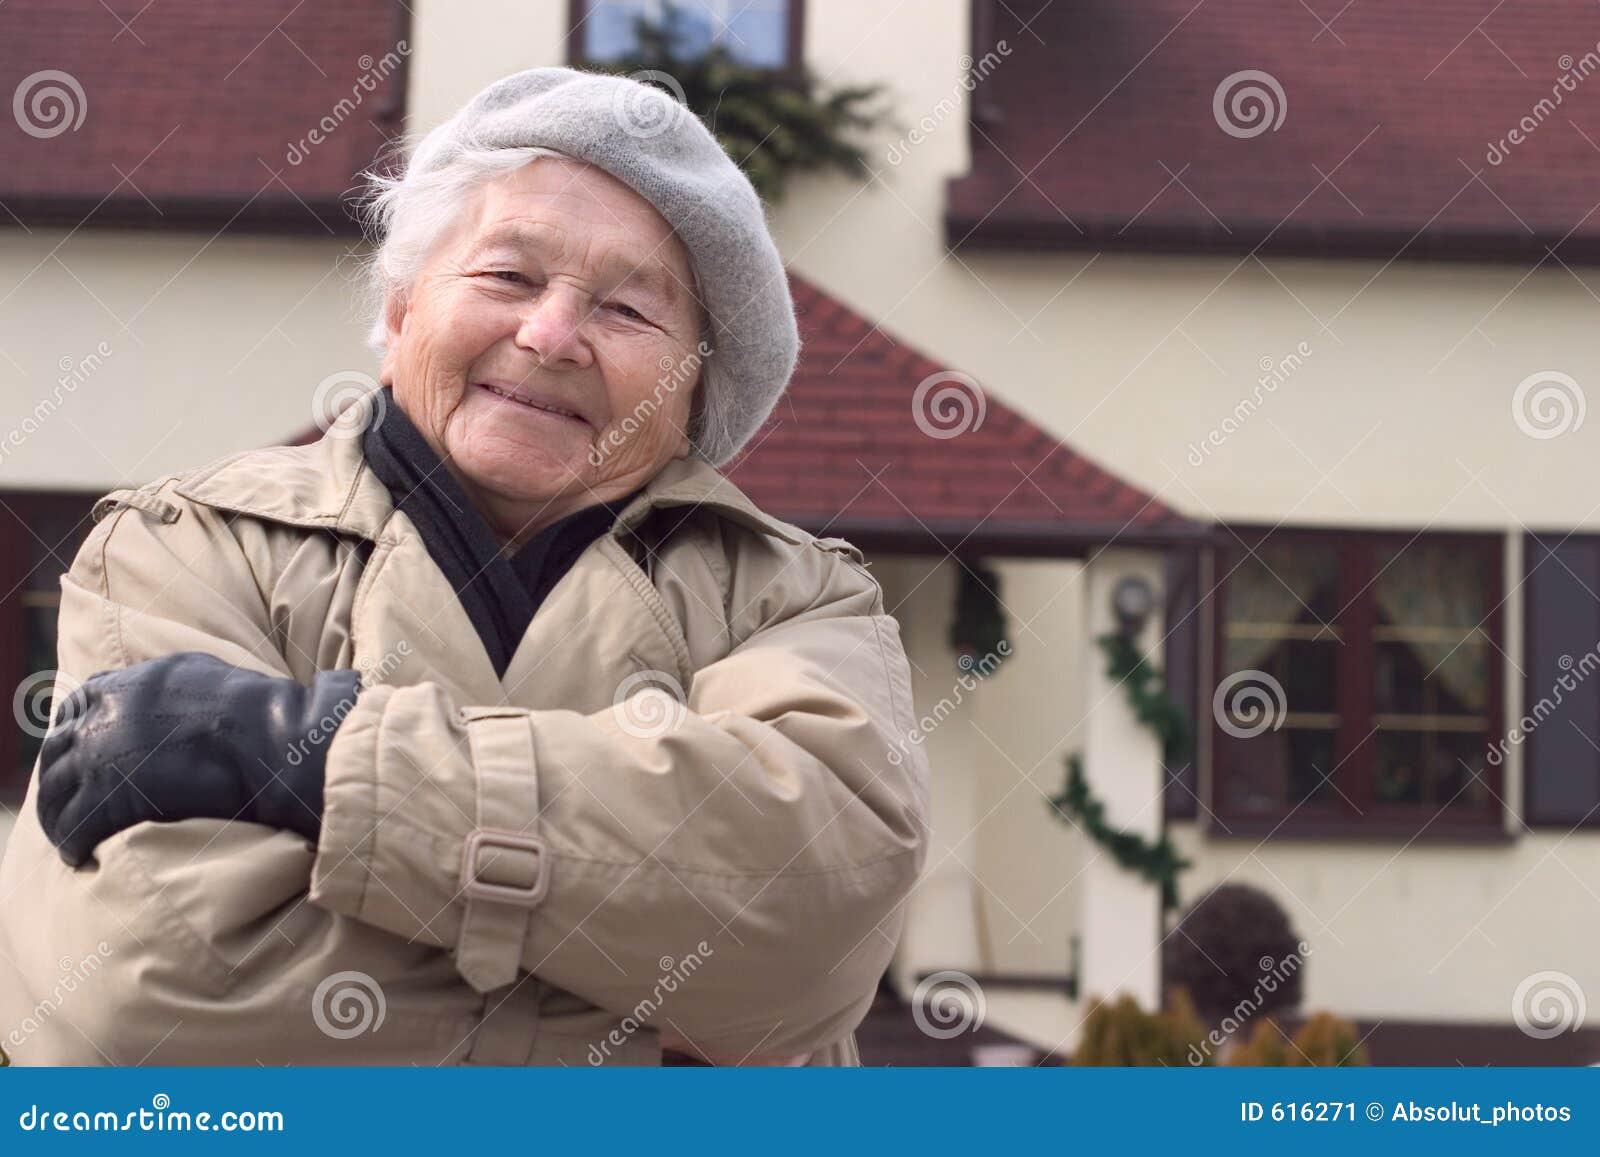 is ultram safe in the elderly